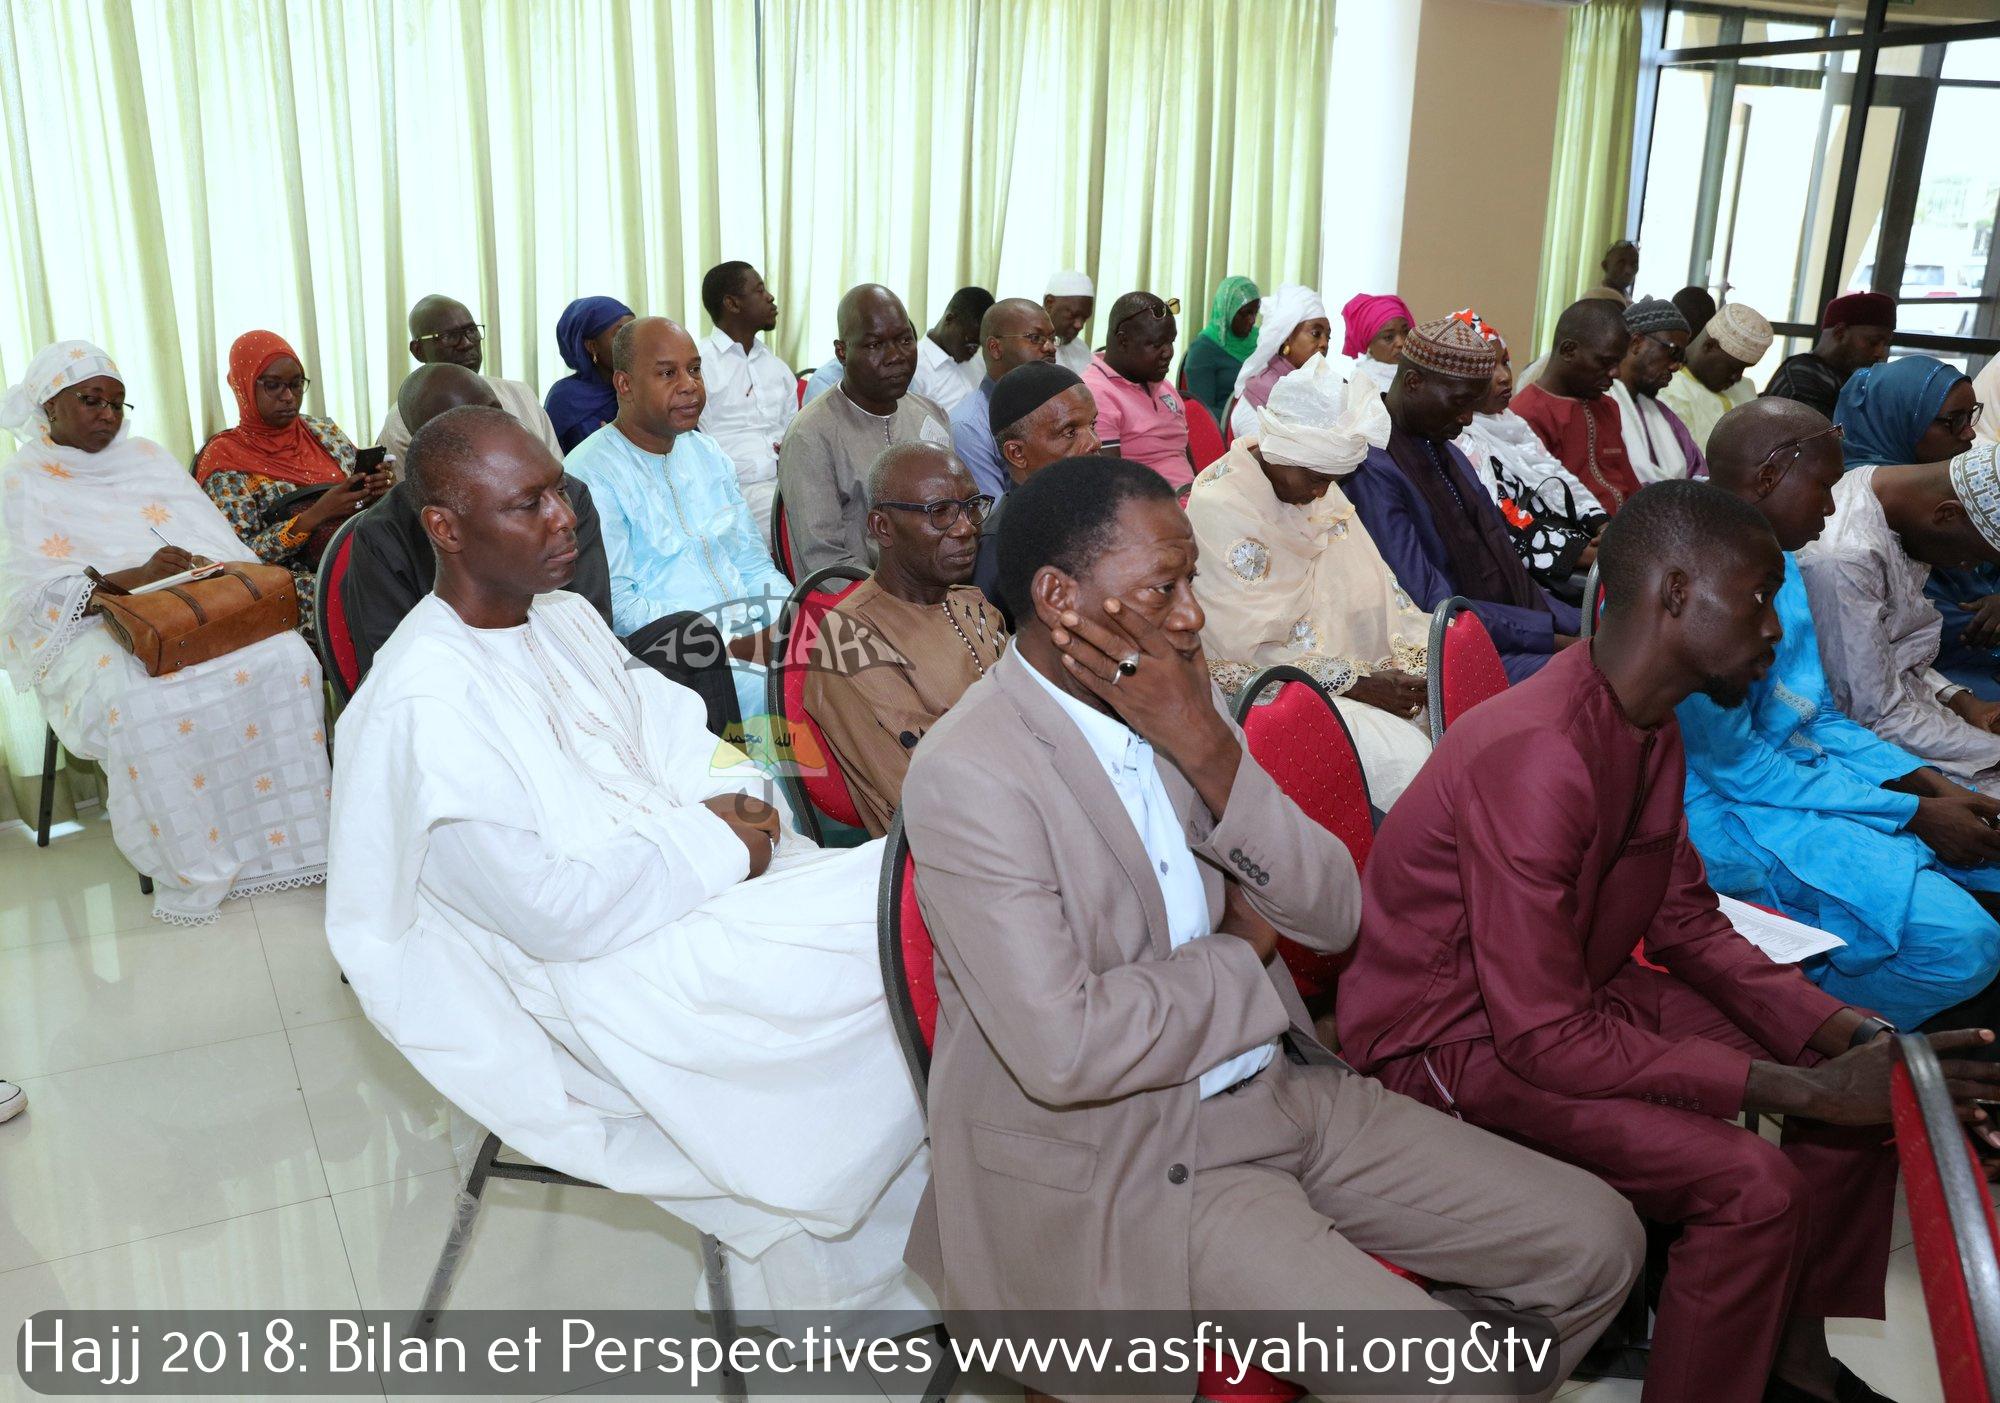 EN IMAGES - Point de Presse de la Délégation Générale au Pèlerinage aux Lieux saints de l'Islam du Sénégal: Hajj 2018 Bilan et Perspectives